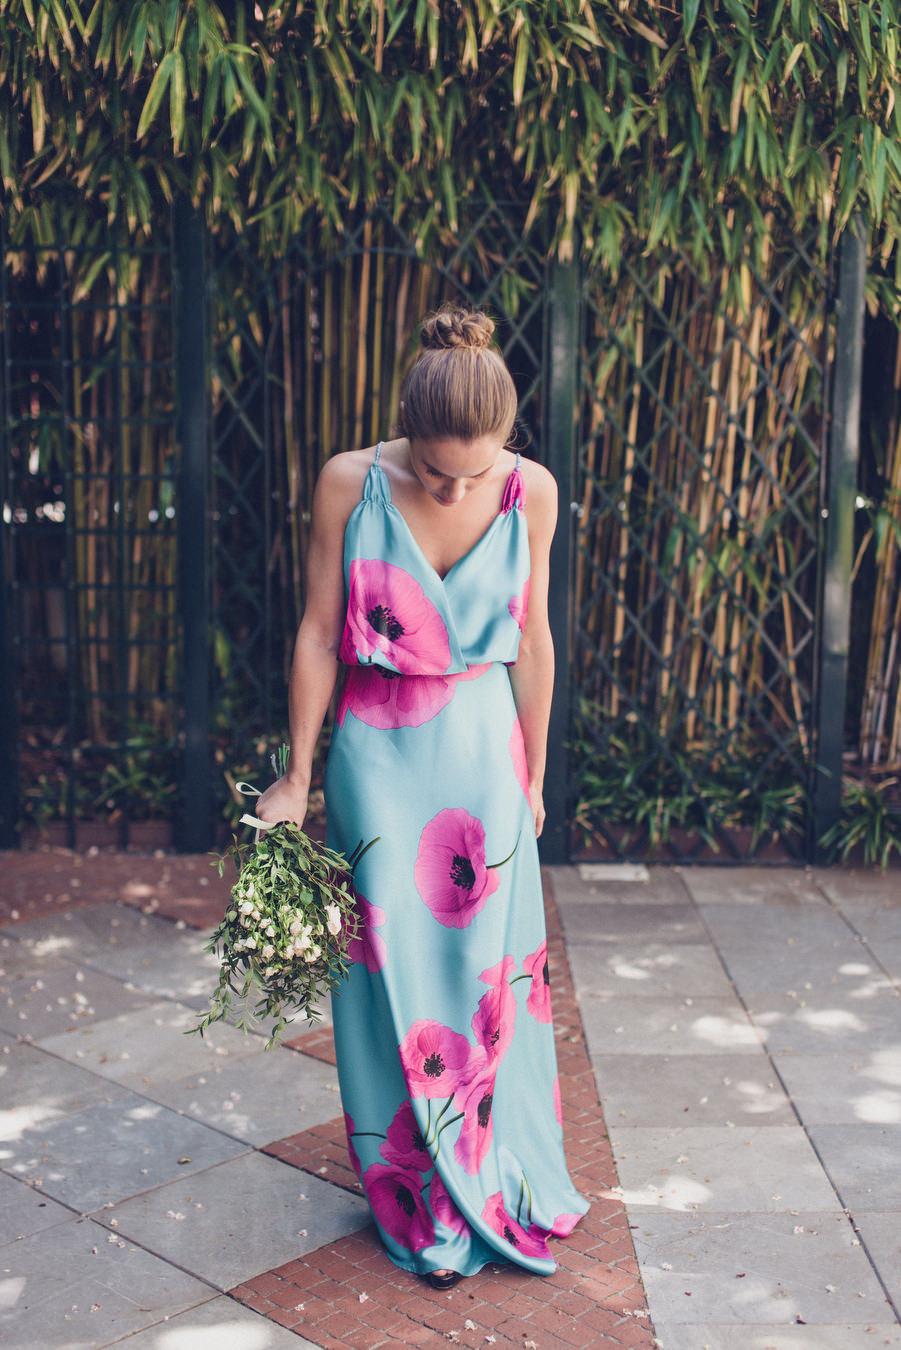 calista-one-lista-de-bodas-online-blog-de-bodas-bossanova-looks-invitadas-a-iglesias-turquesa-6